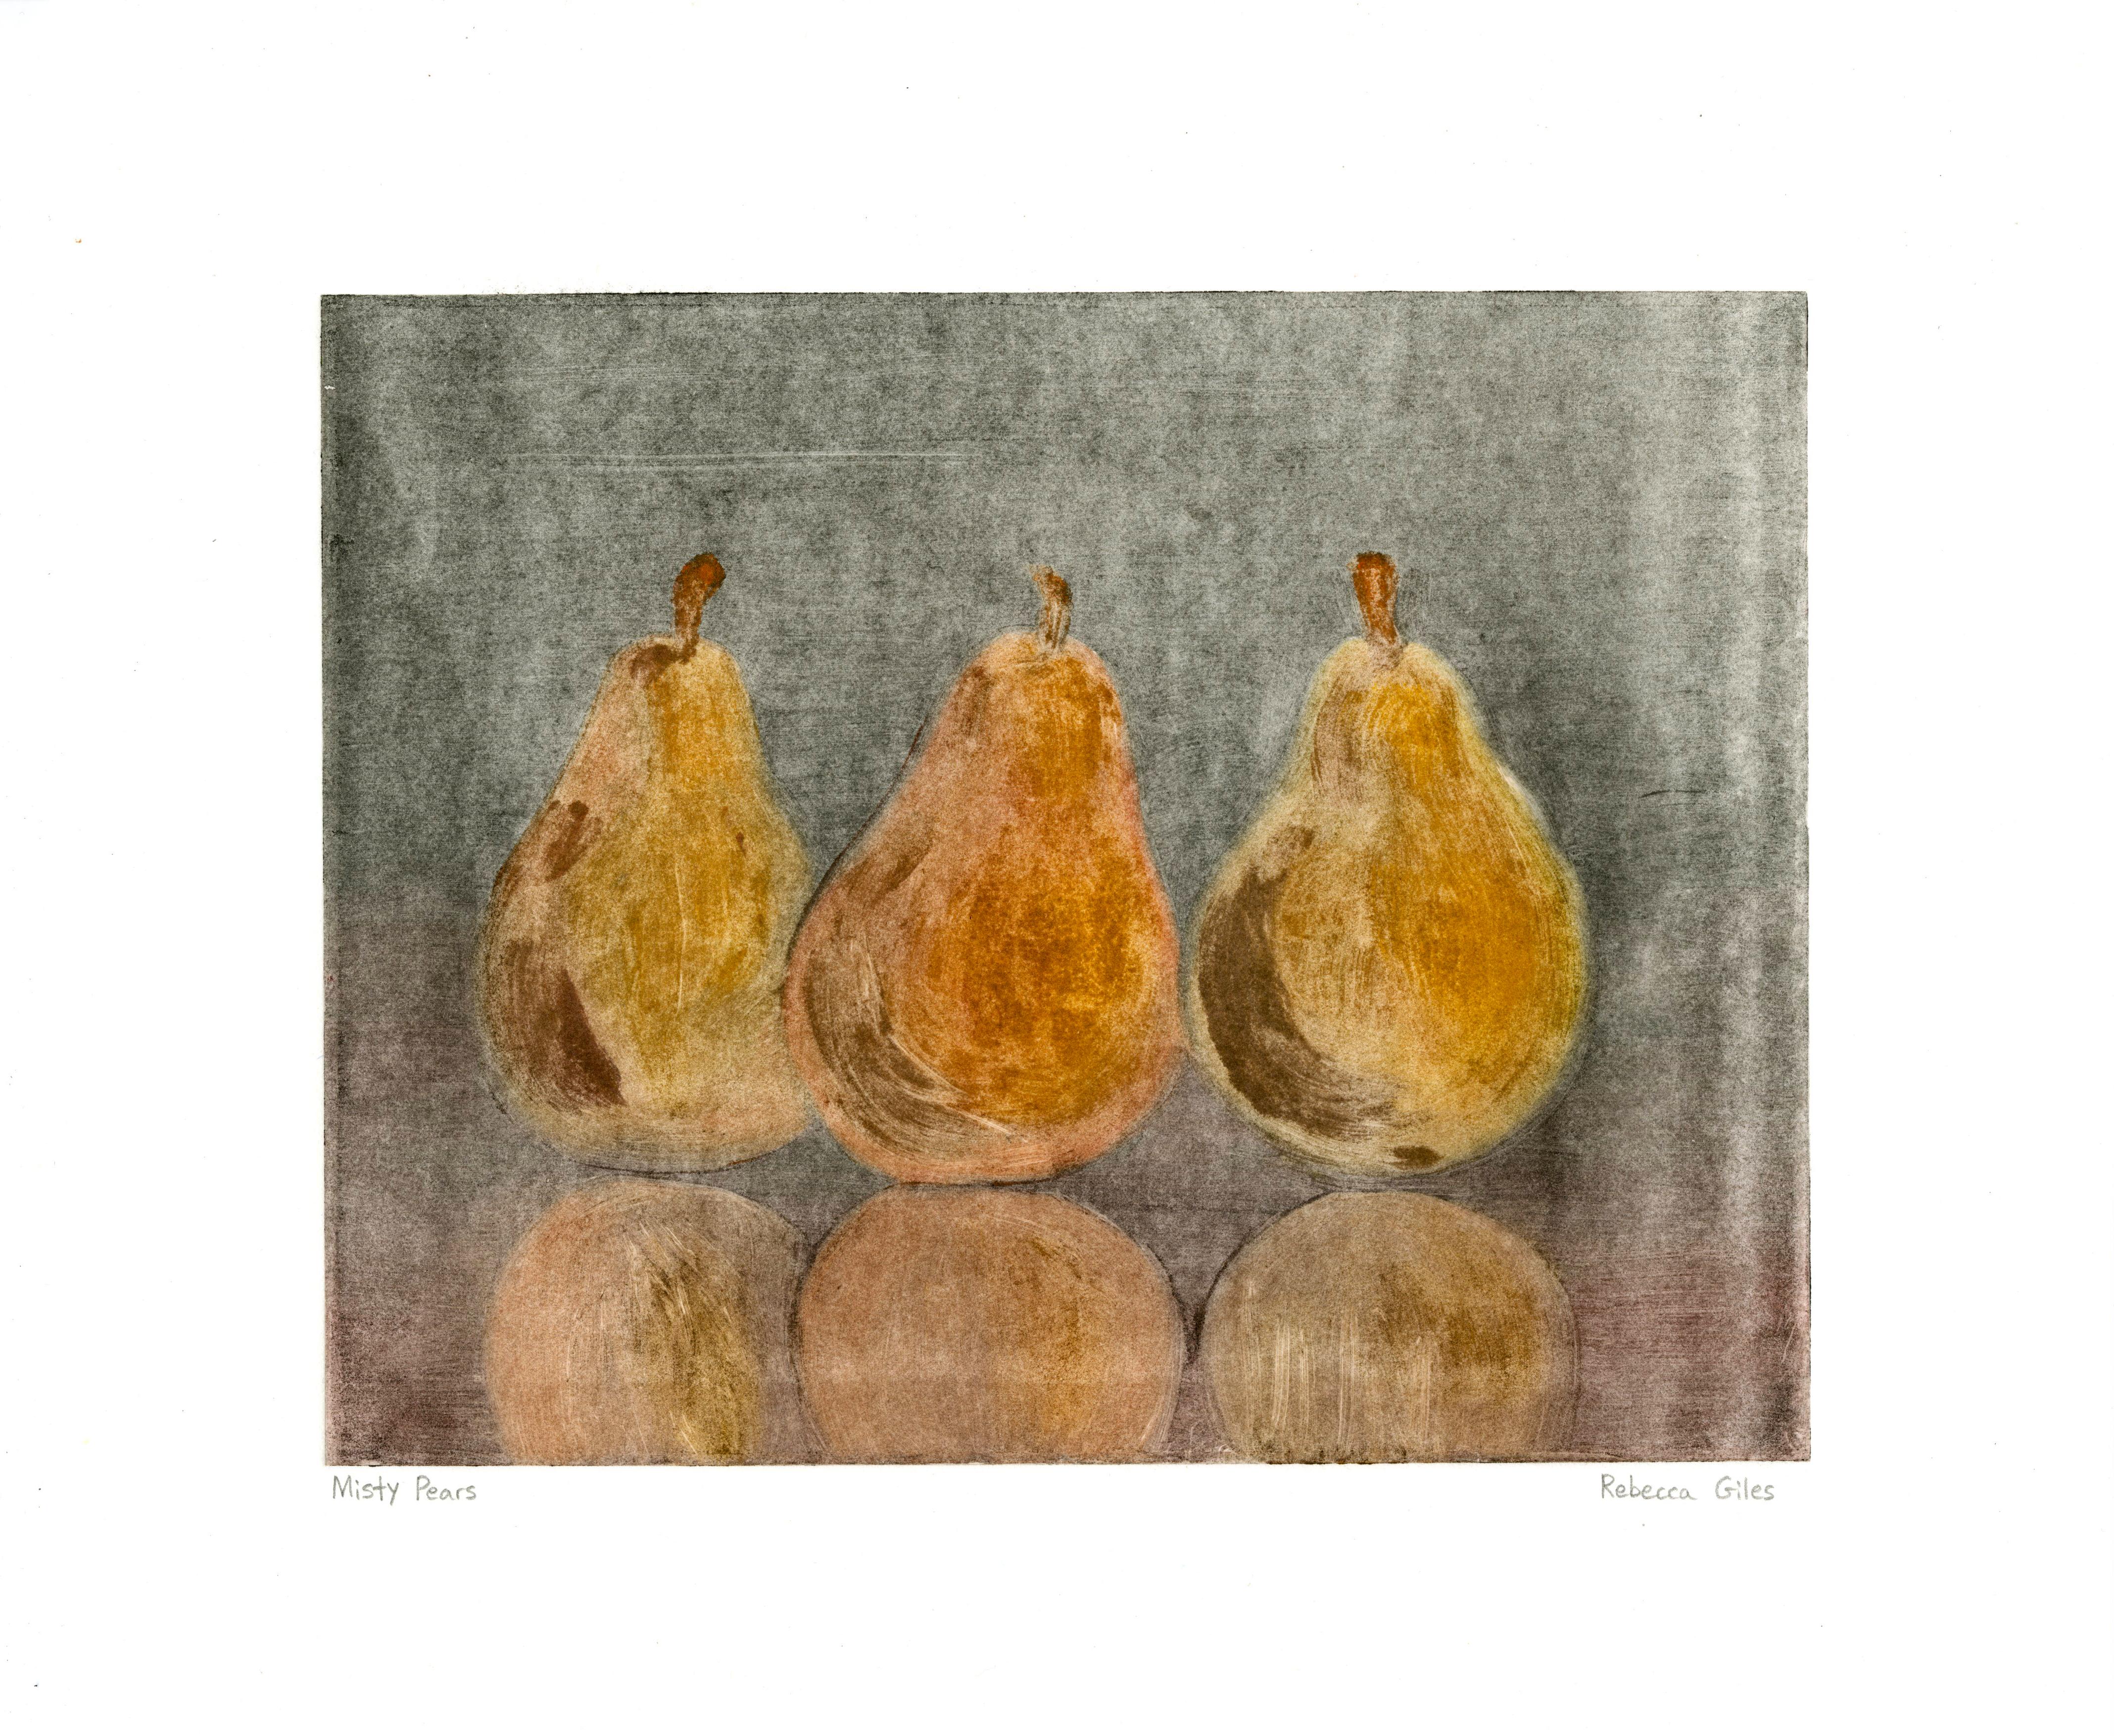 Misty Pears